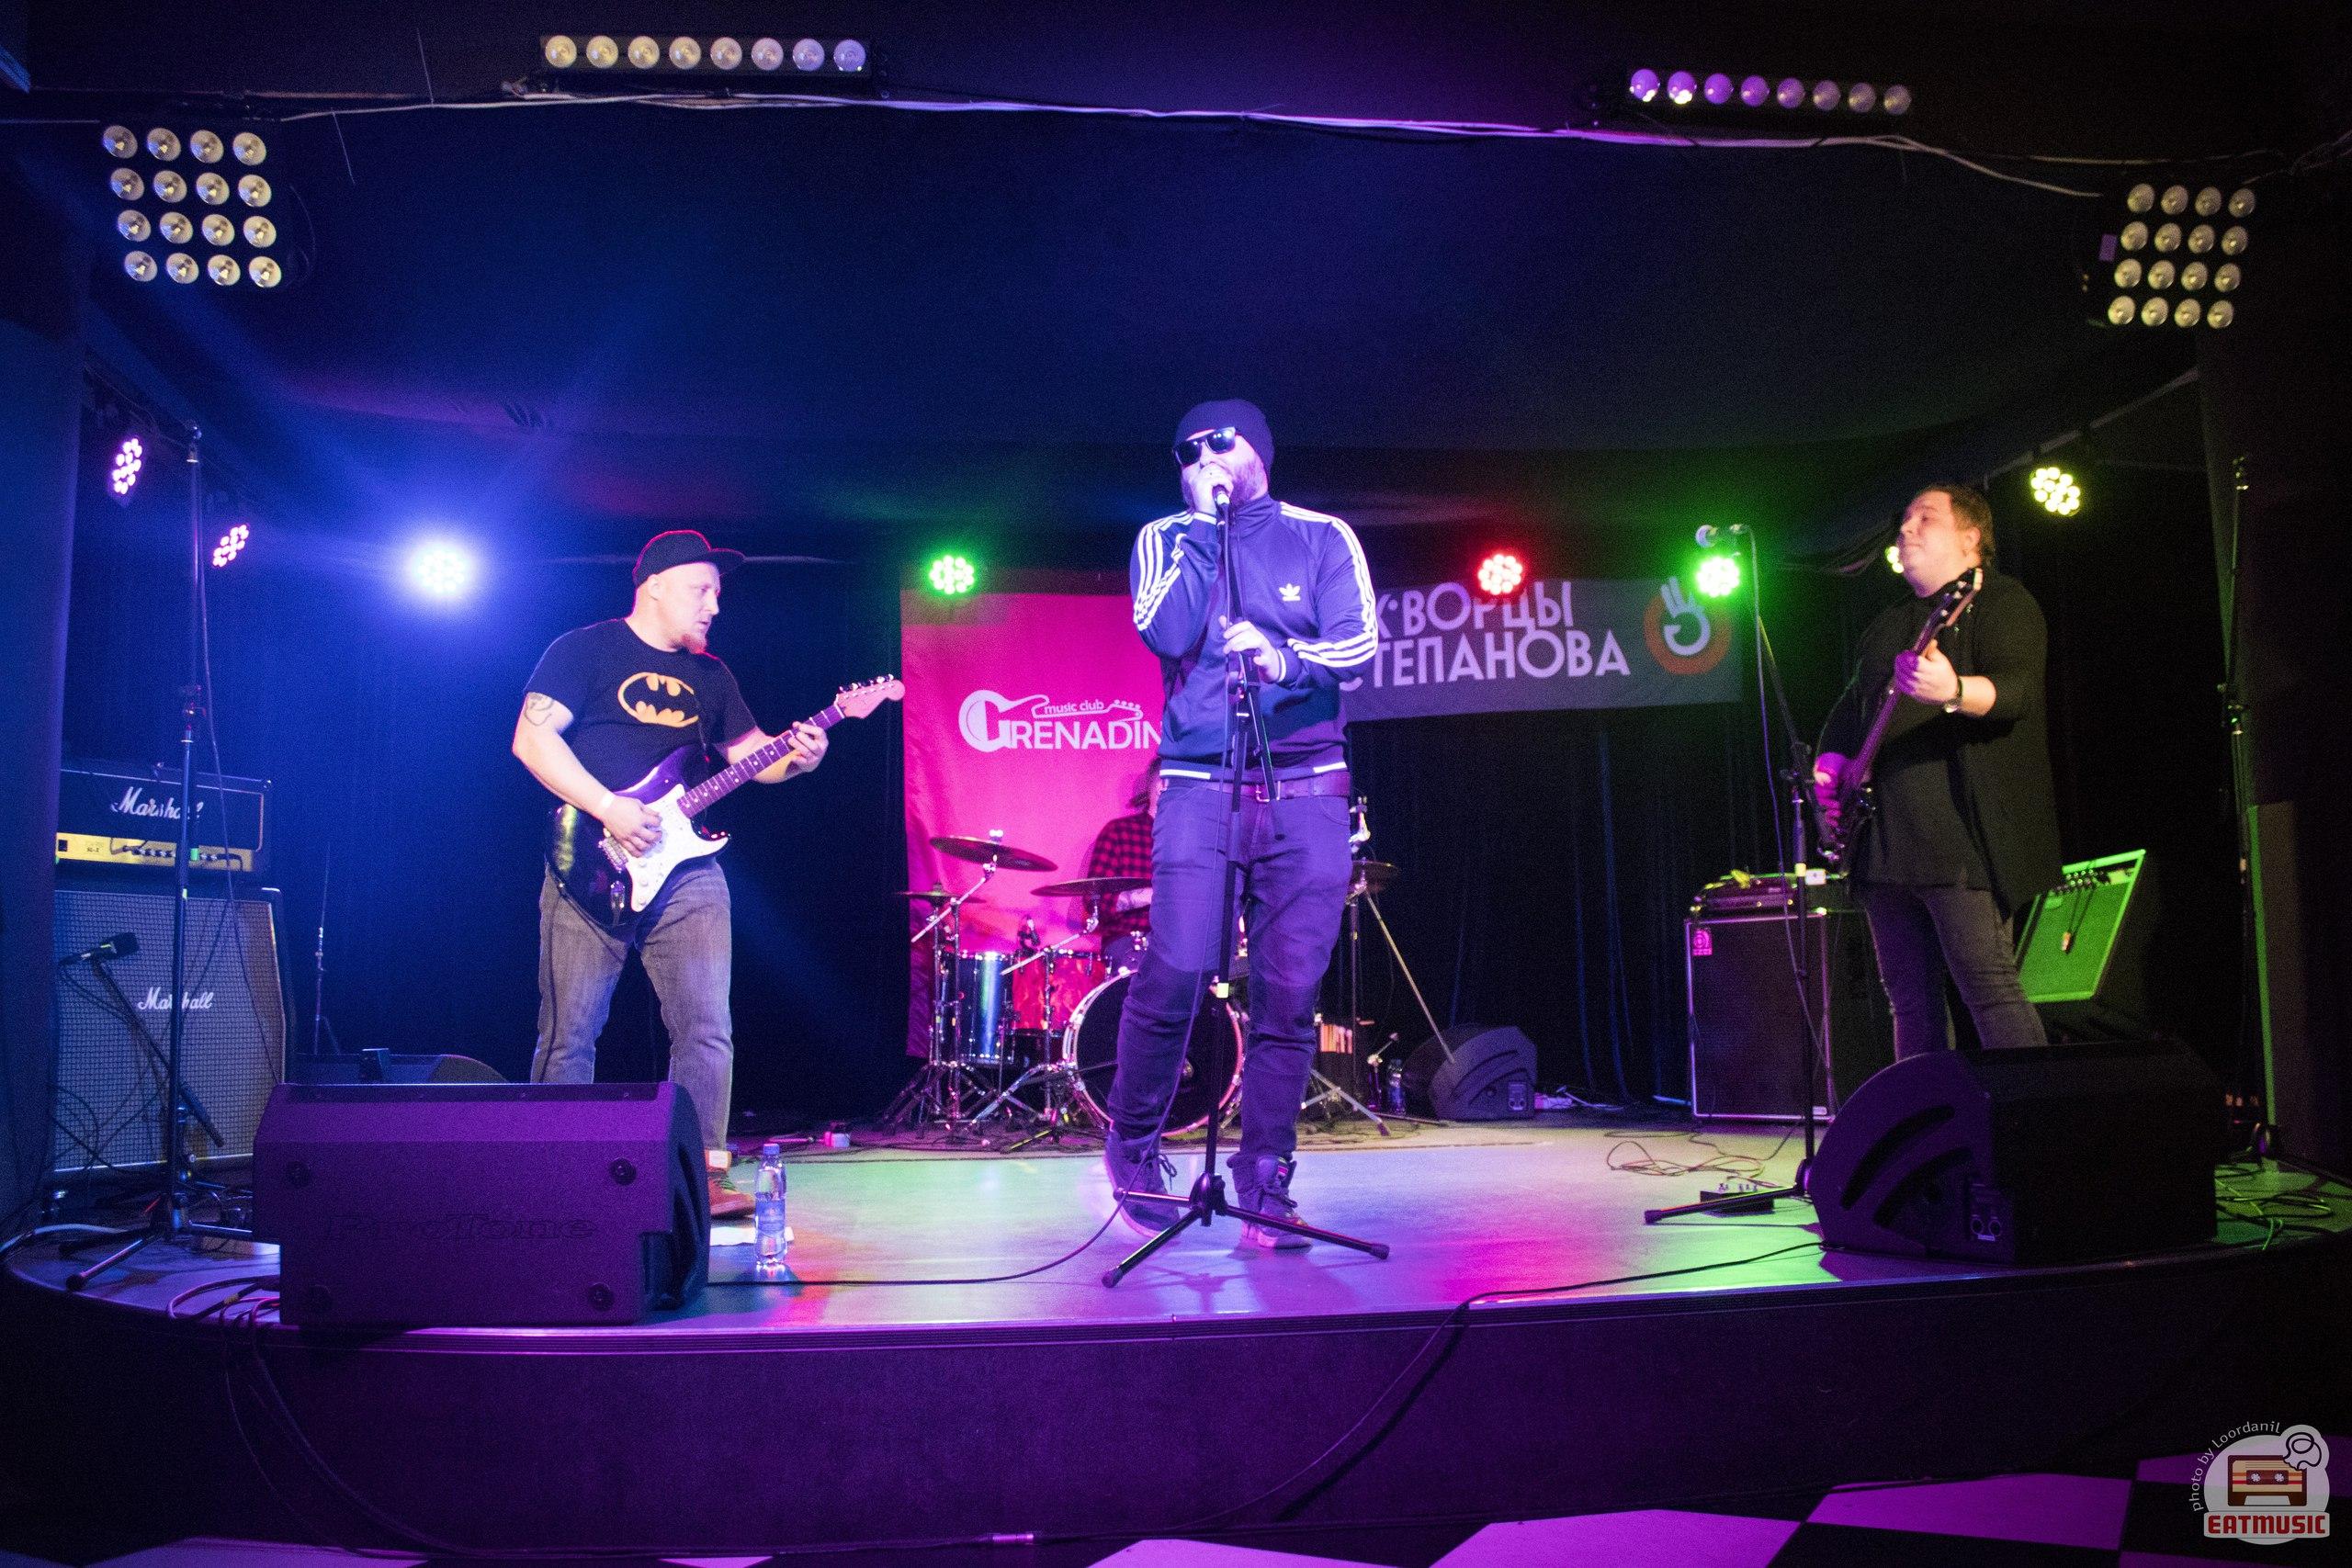 Концерт группы Скворцы Степанова в клубе Grenadine 10-03-17: группа Бен Ганн репортаж, фото Роман Воронин